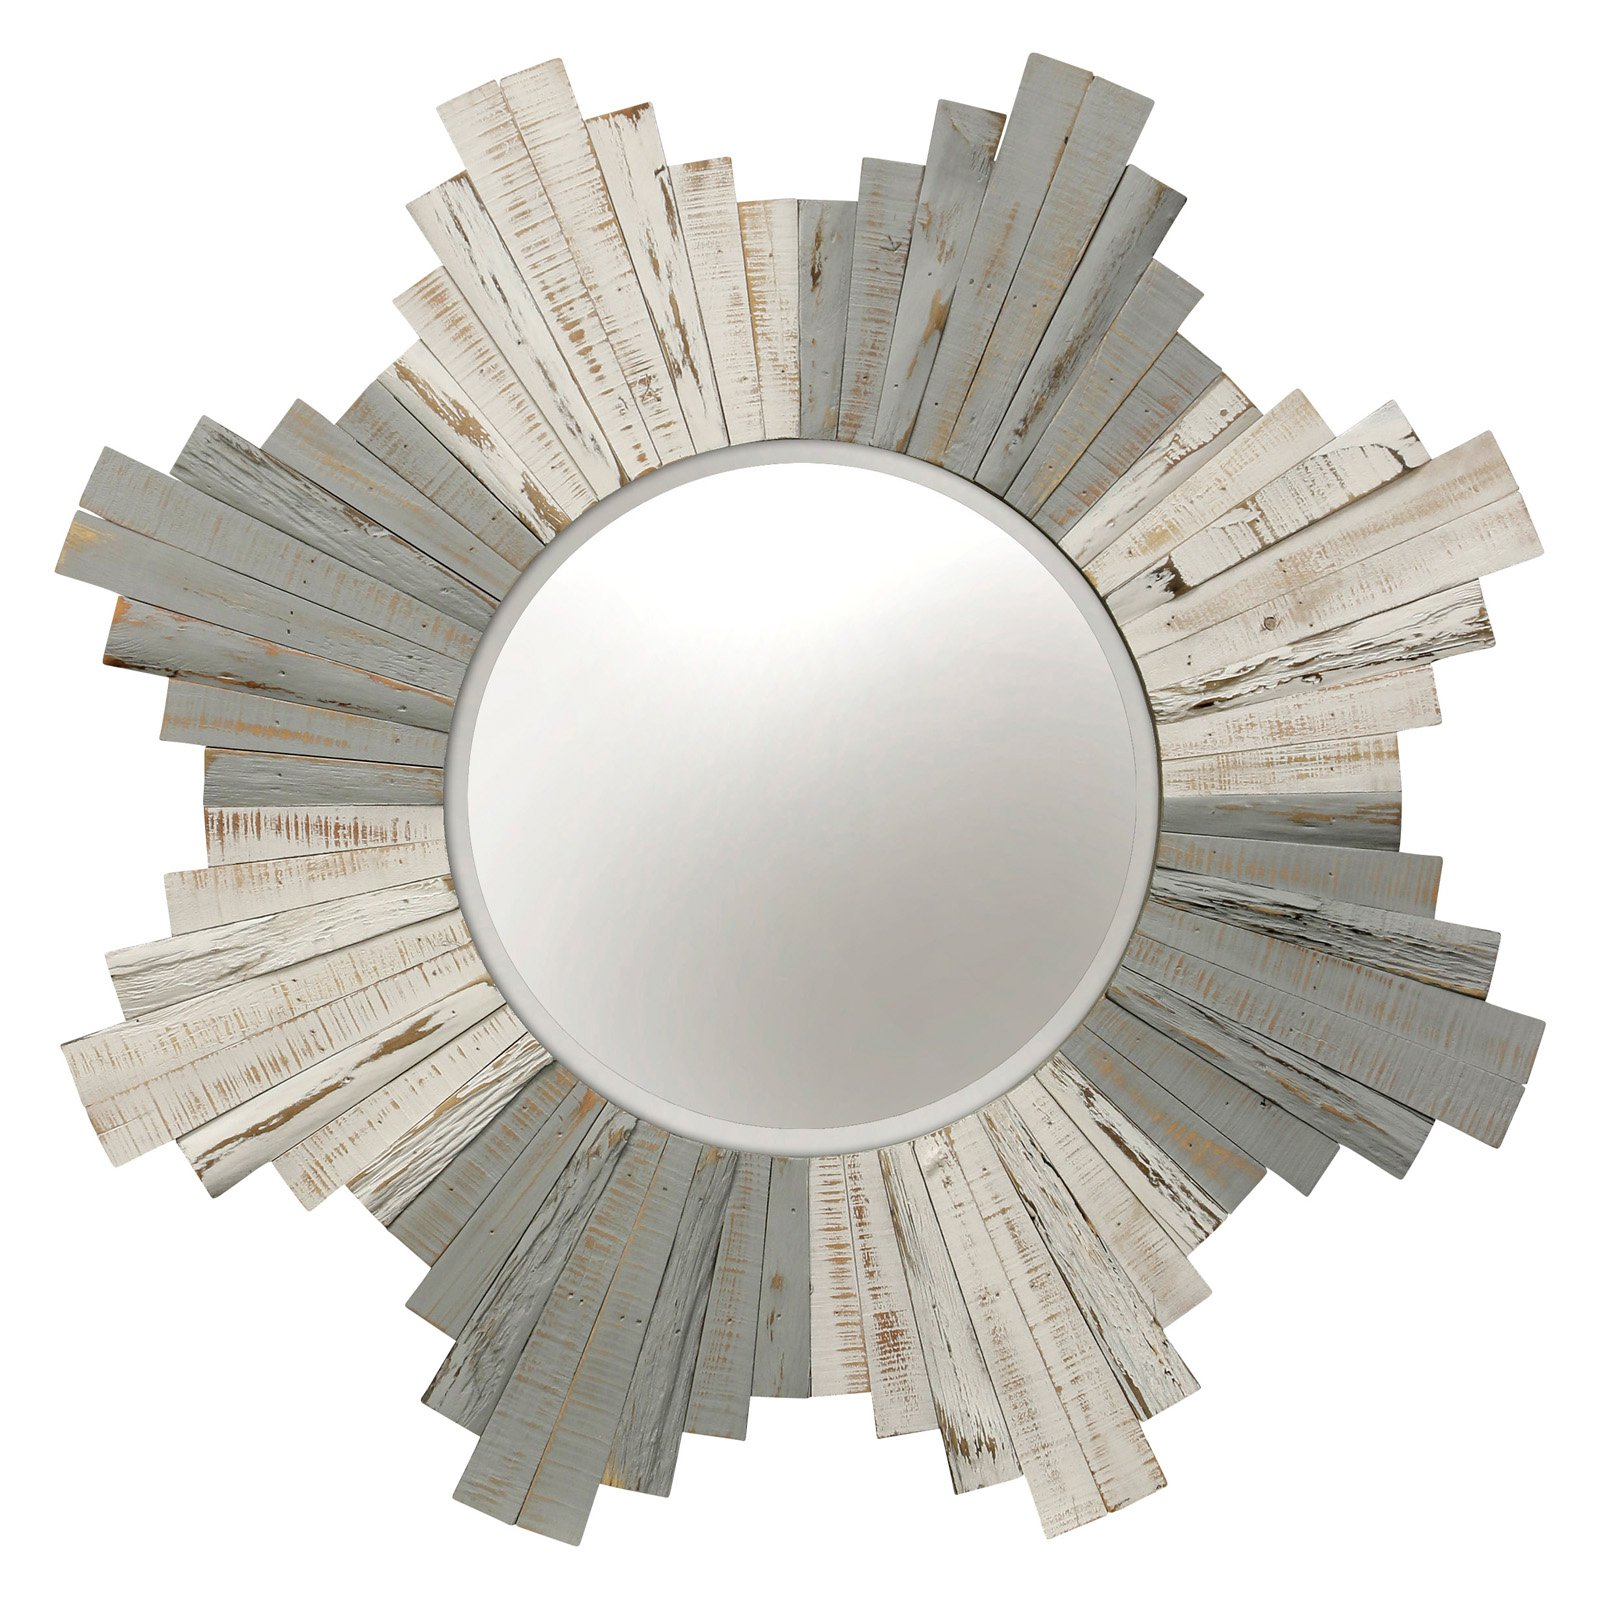 Stylecraft Natural Wood Sunburst Wall Mirror 36 Diam In Reclaimed Wood Mirror Round Wall Mirror Wood Mirror